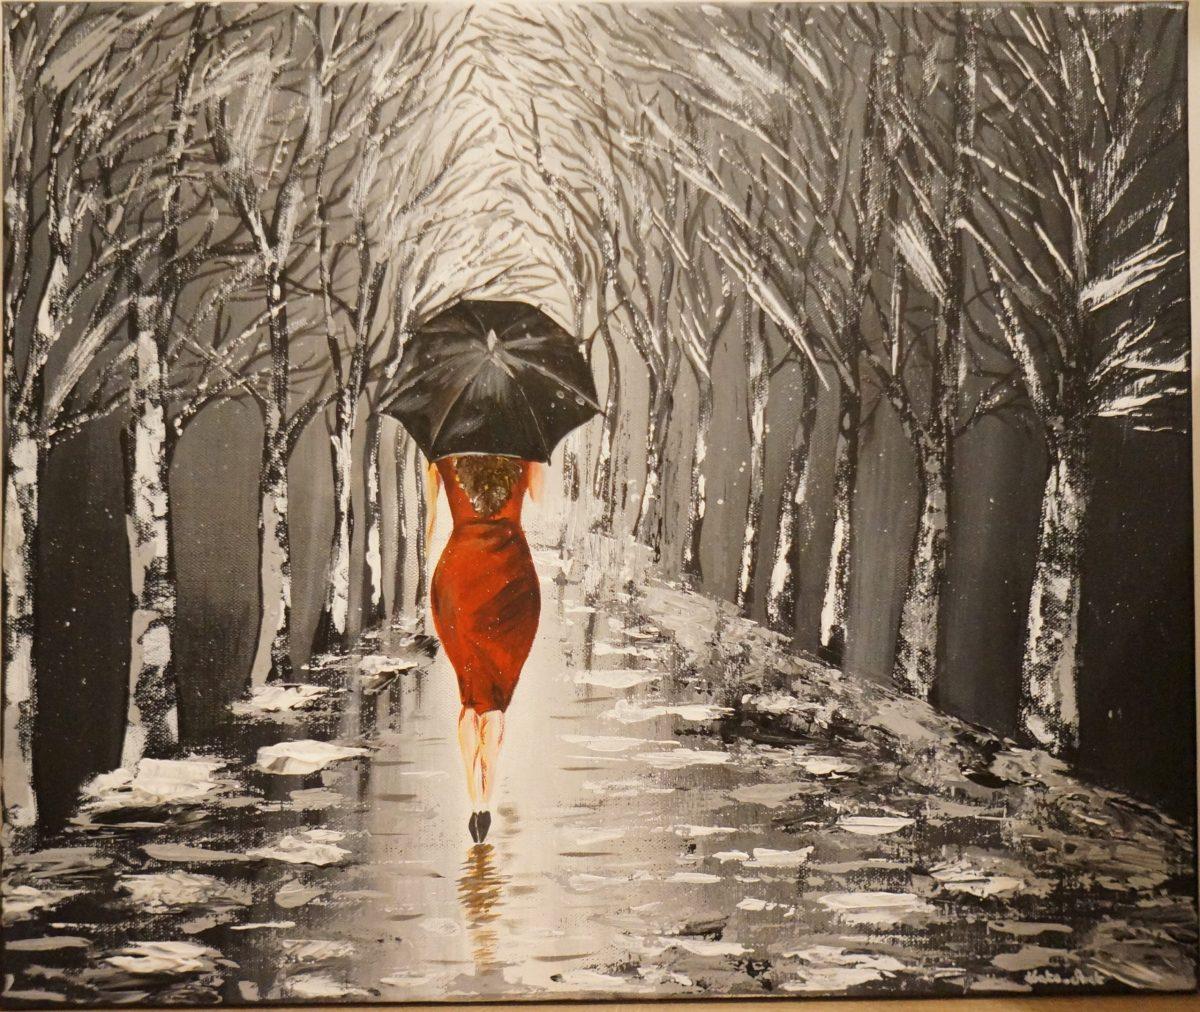 Black Umbrella - peinture acrylique fait au couteau, avec une femme en robe rouge etavec un parapluie noir marchant sous la pluie vers une allée d'arbres